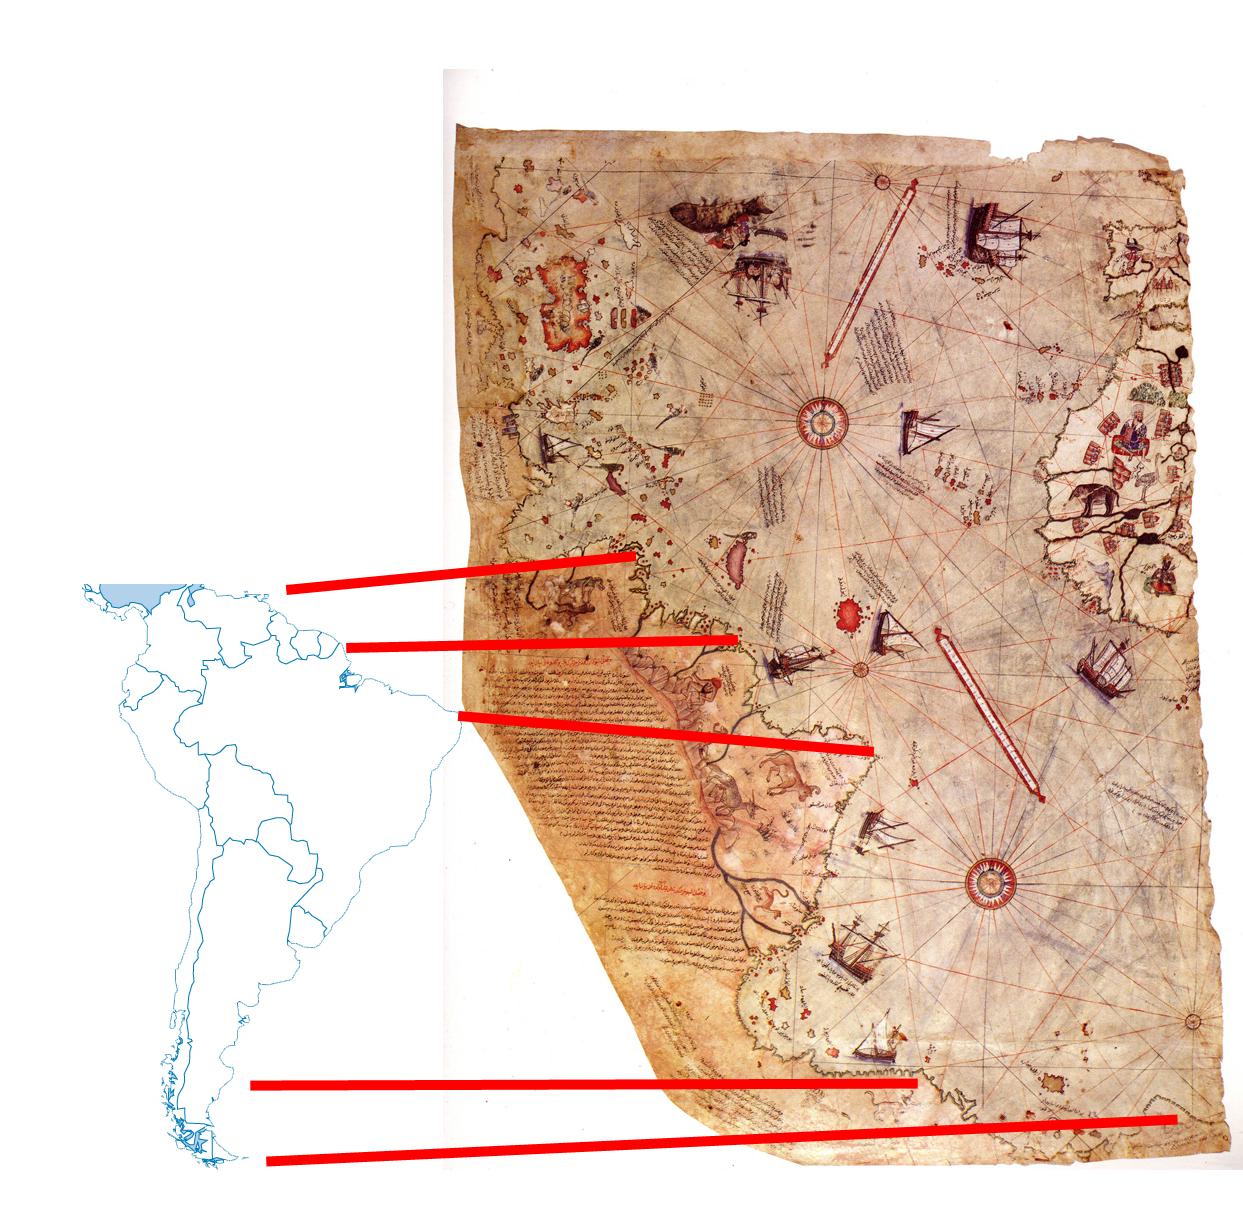 La Orden Templaria conocía y explotaba el continente Americano antes del 1300 d.C. Comparison+Piri+Reis+and+current+Maps